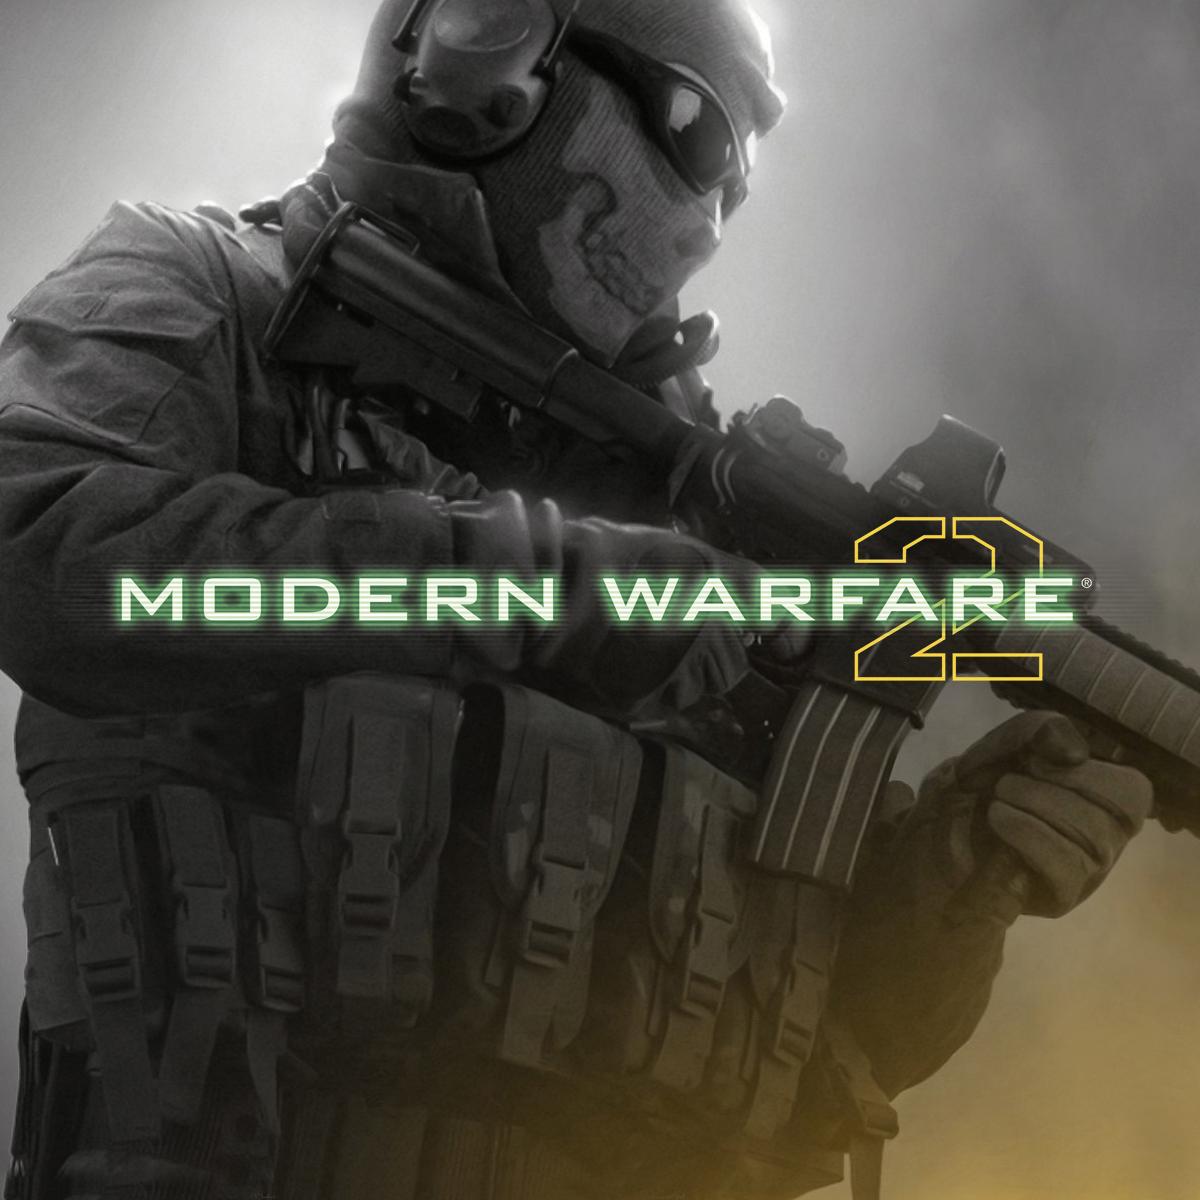 Mw2 mod menu 2019